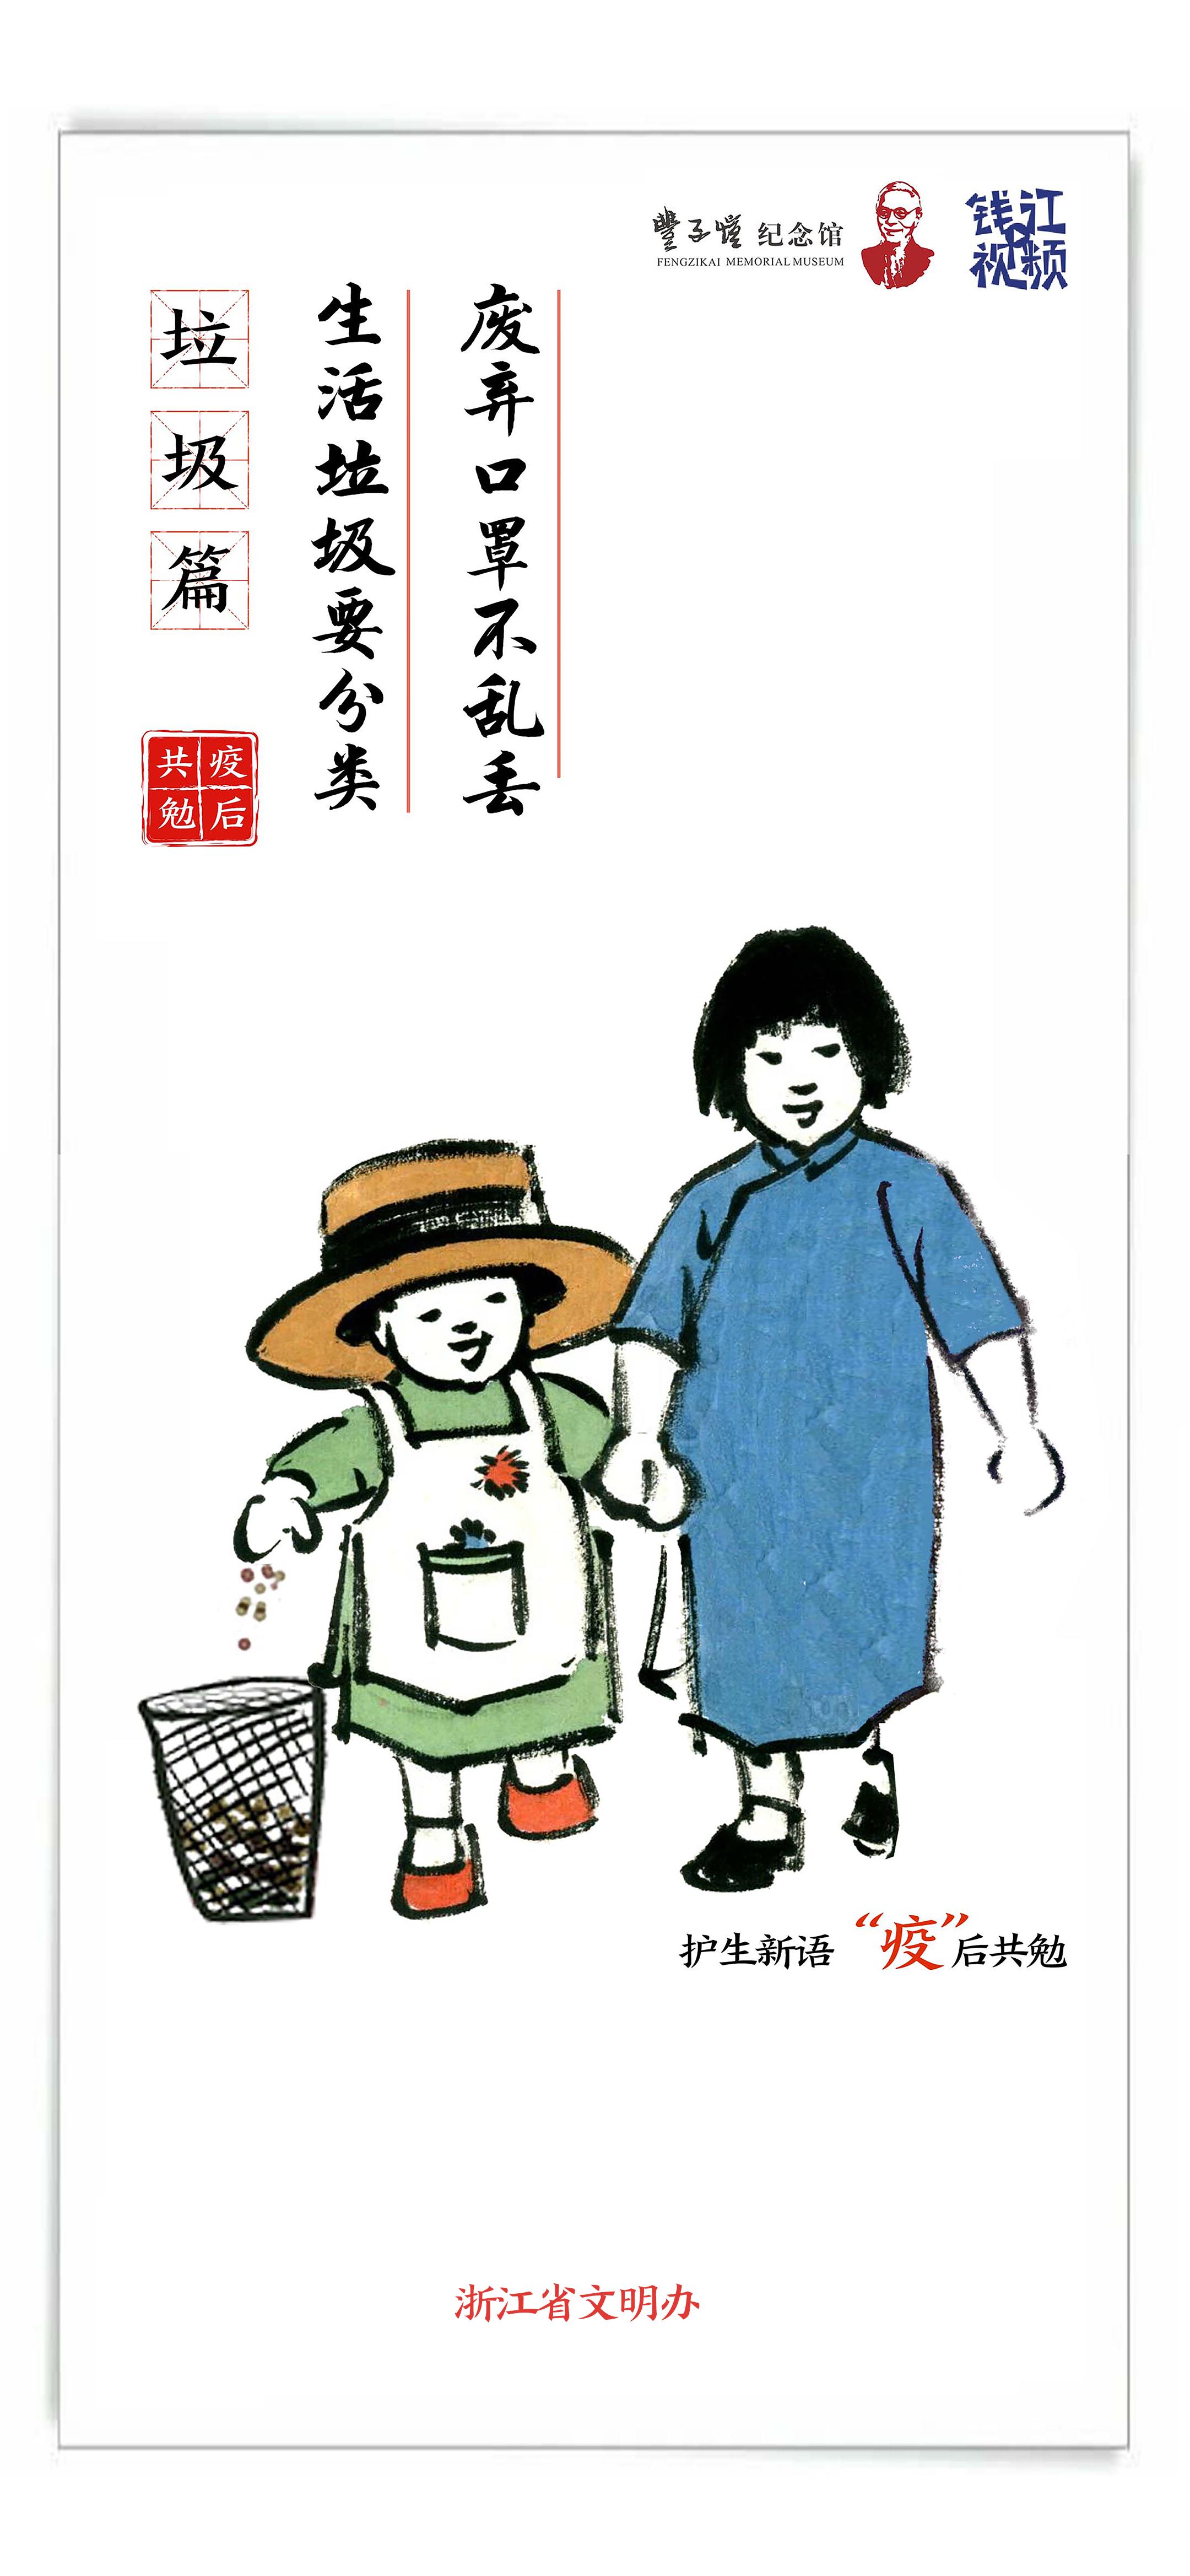 钱江视频-丰子恺主题抗疫公益广告07